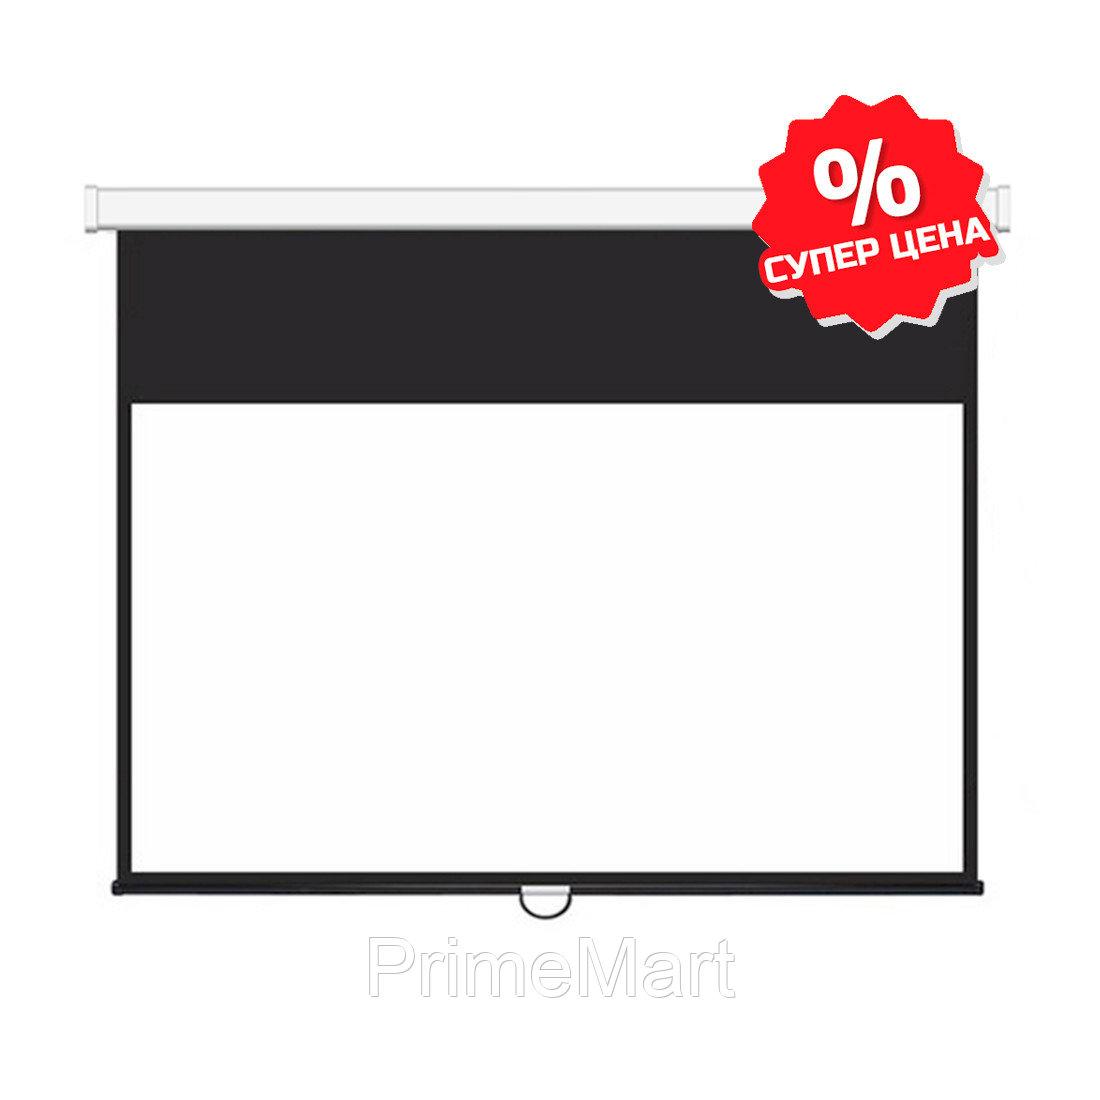 Экран механический, Deluxe,Настенный/потолочный, Рабочая поверхность 221х125 см., 16:9, Matt white, Белый